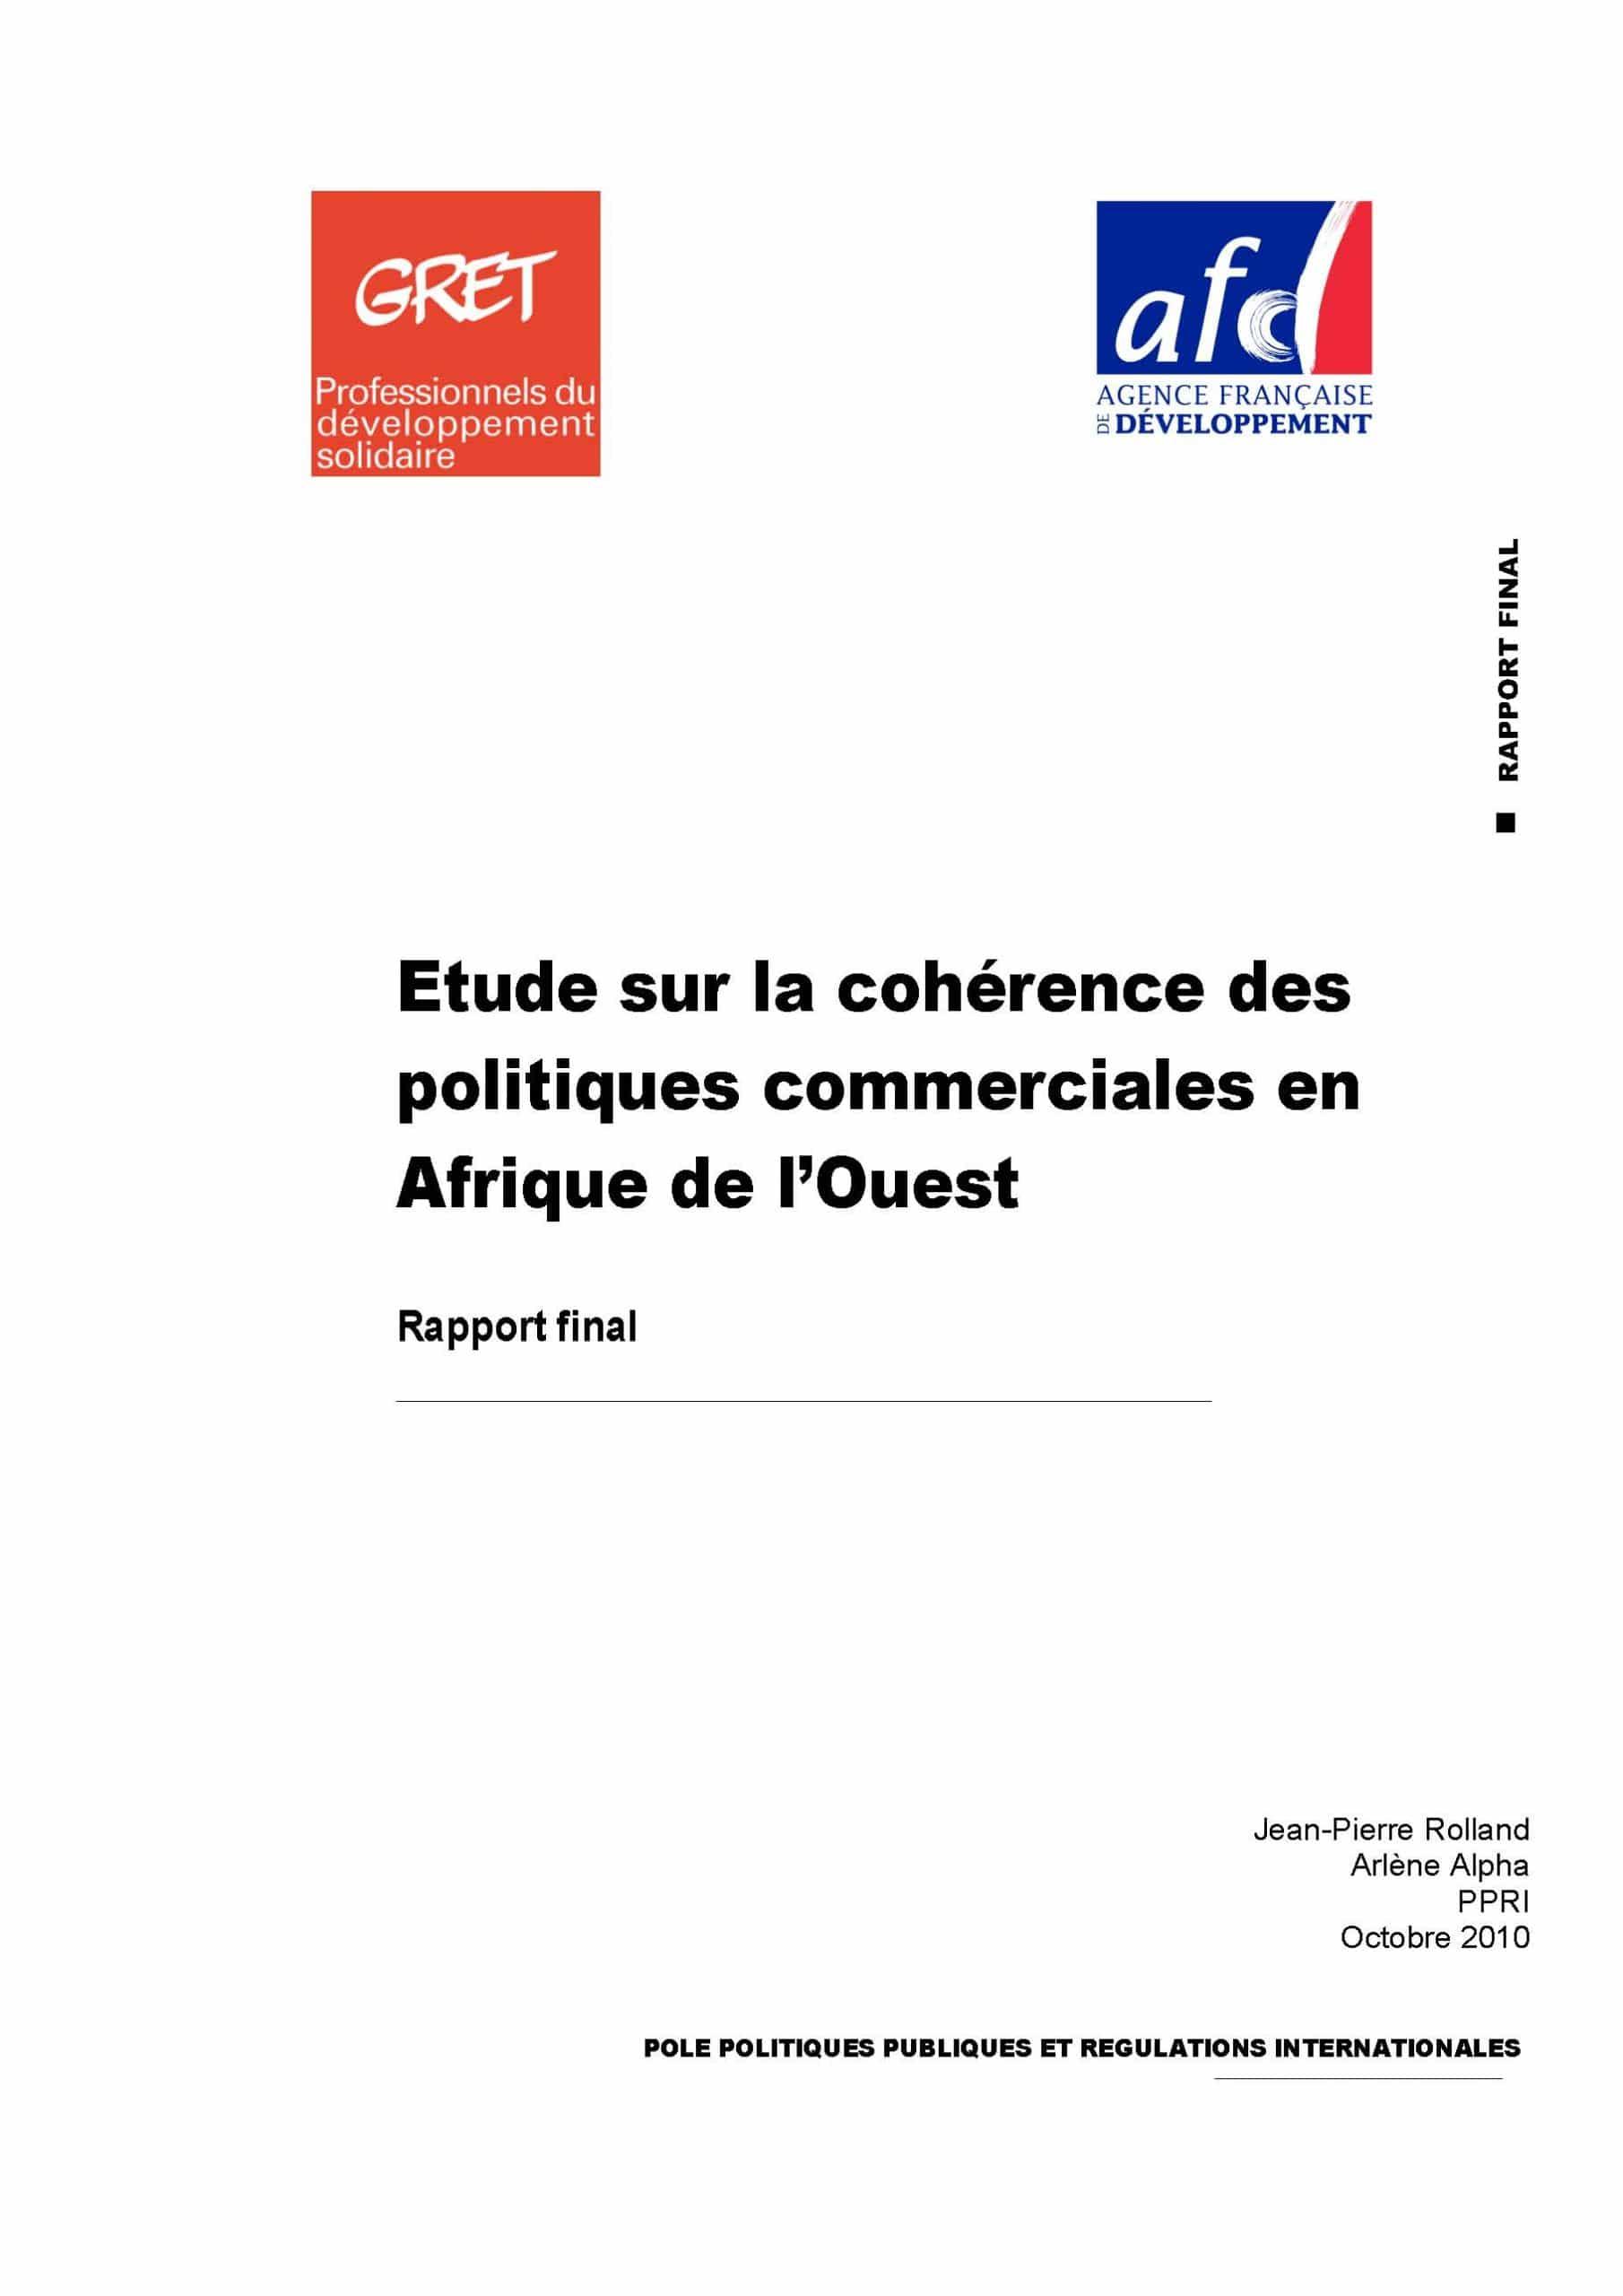 Etude sur la cohérence des politiques commerciales en Afrique de l'Ouest : rapport final